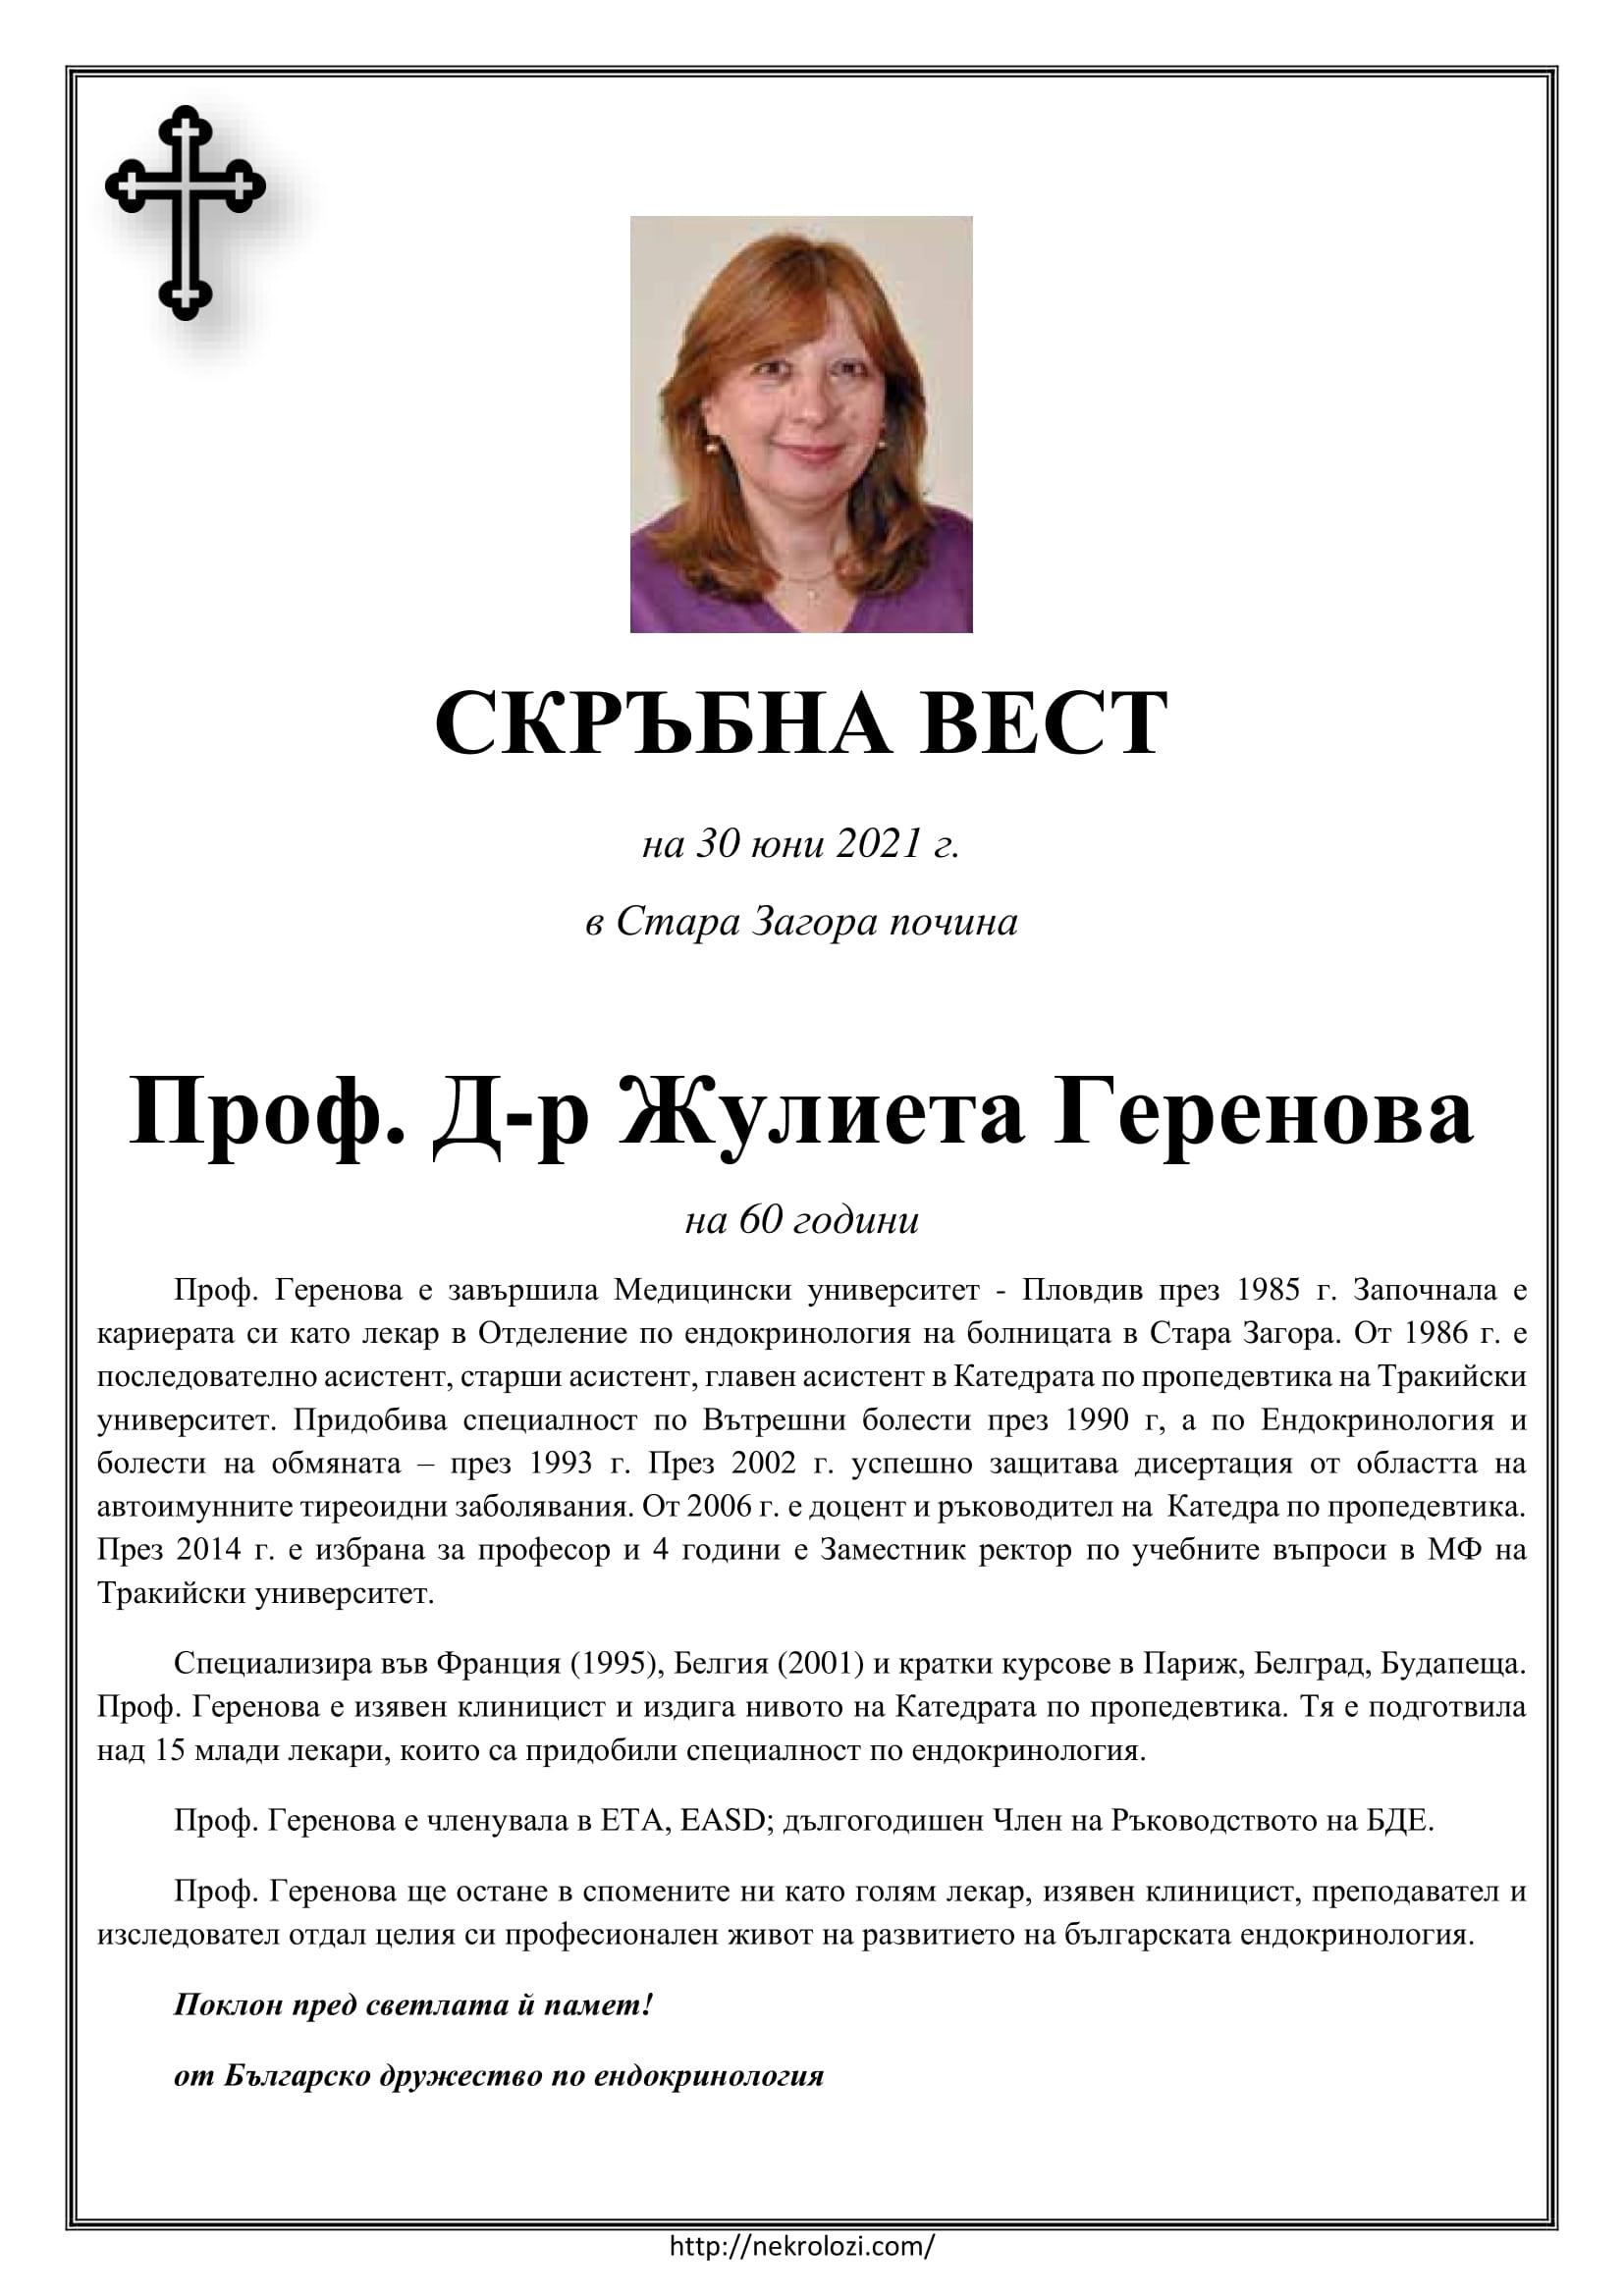 Prof Gerenova-1